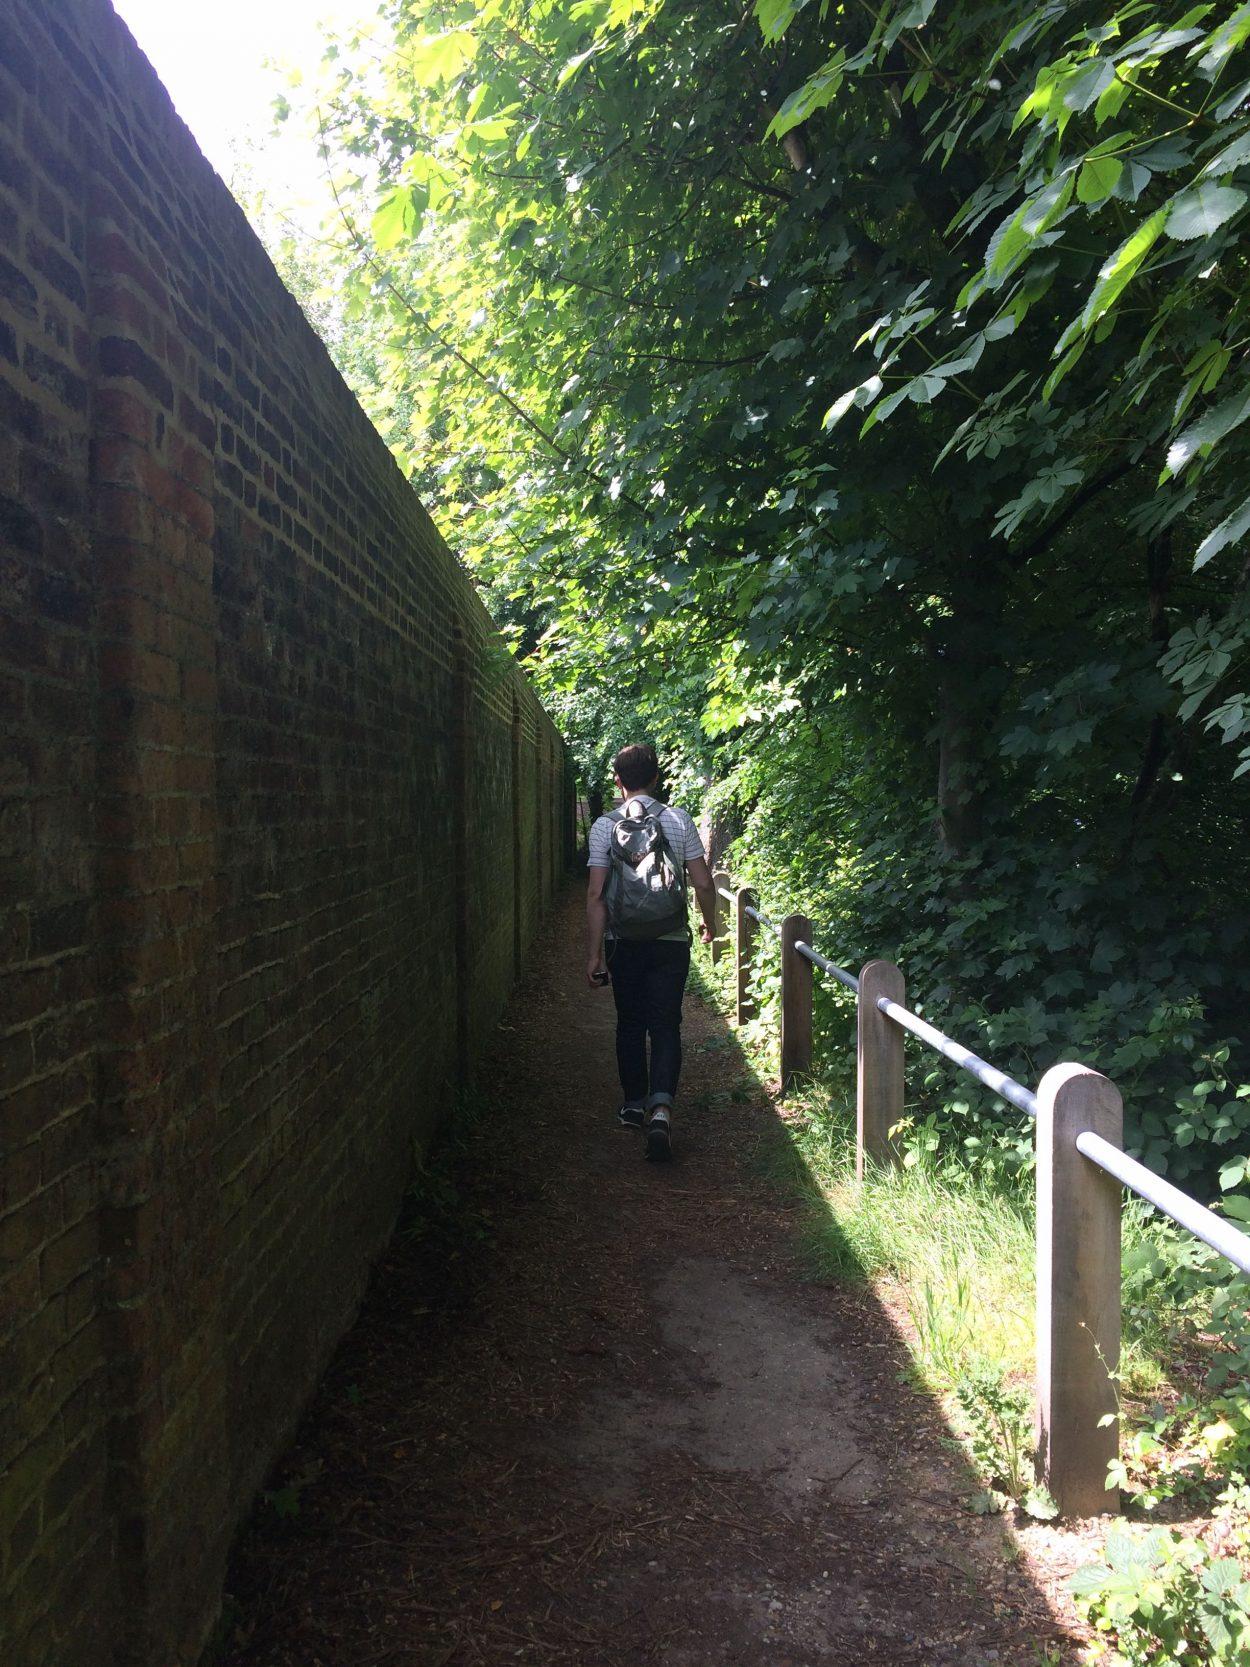 A man walking half in shade half in sun